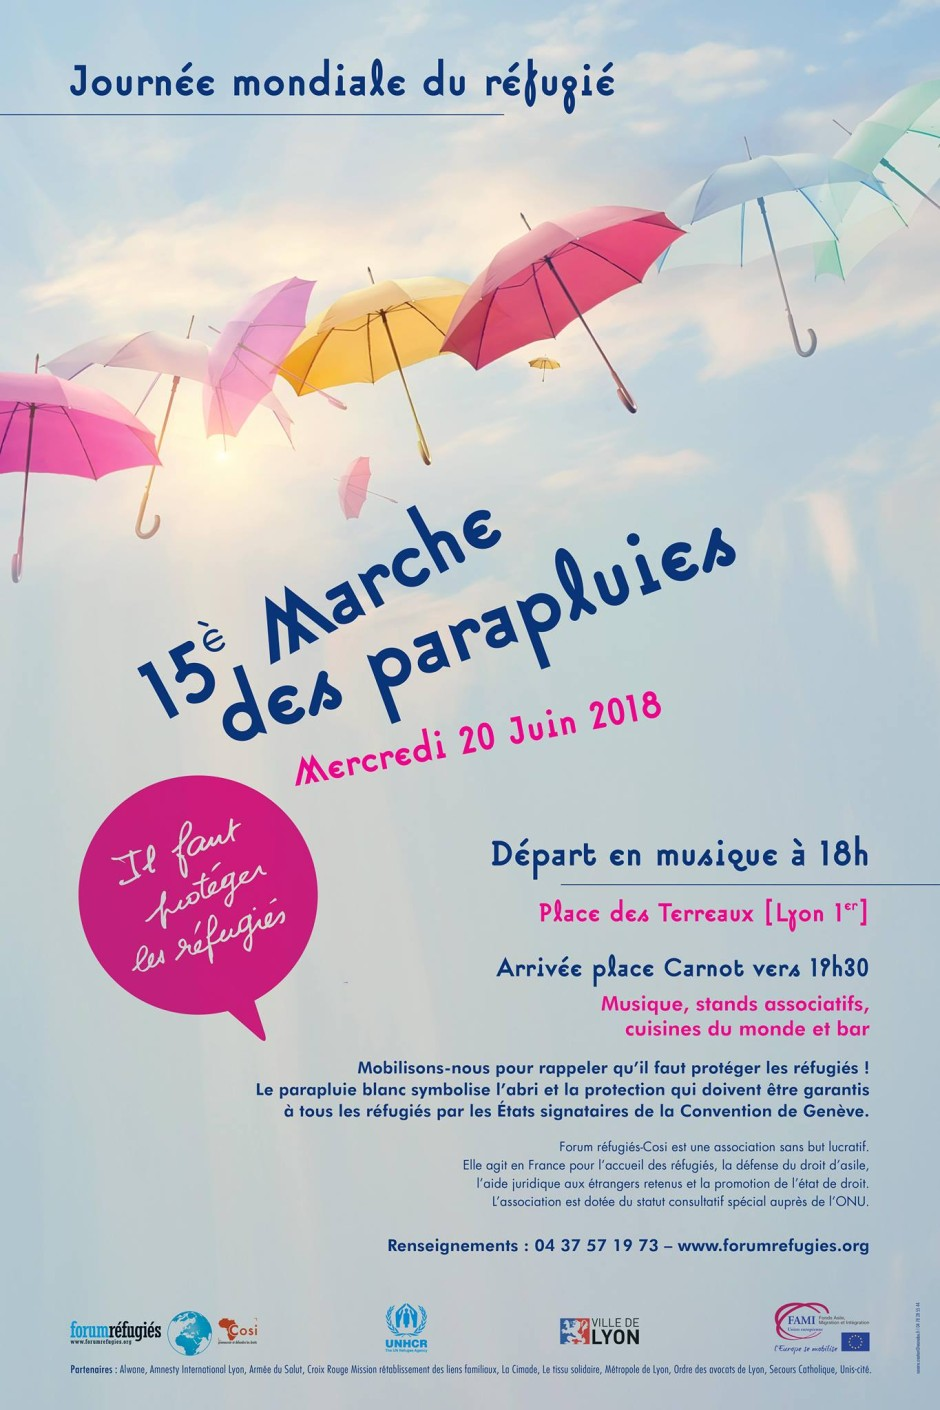 visuel 20 juin marche parapluies 2018